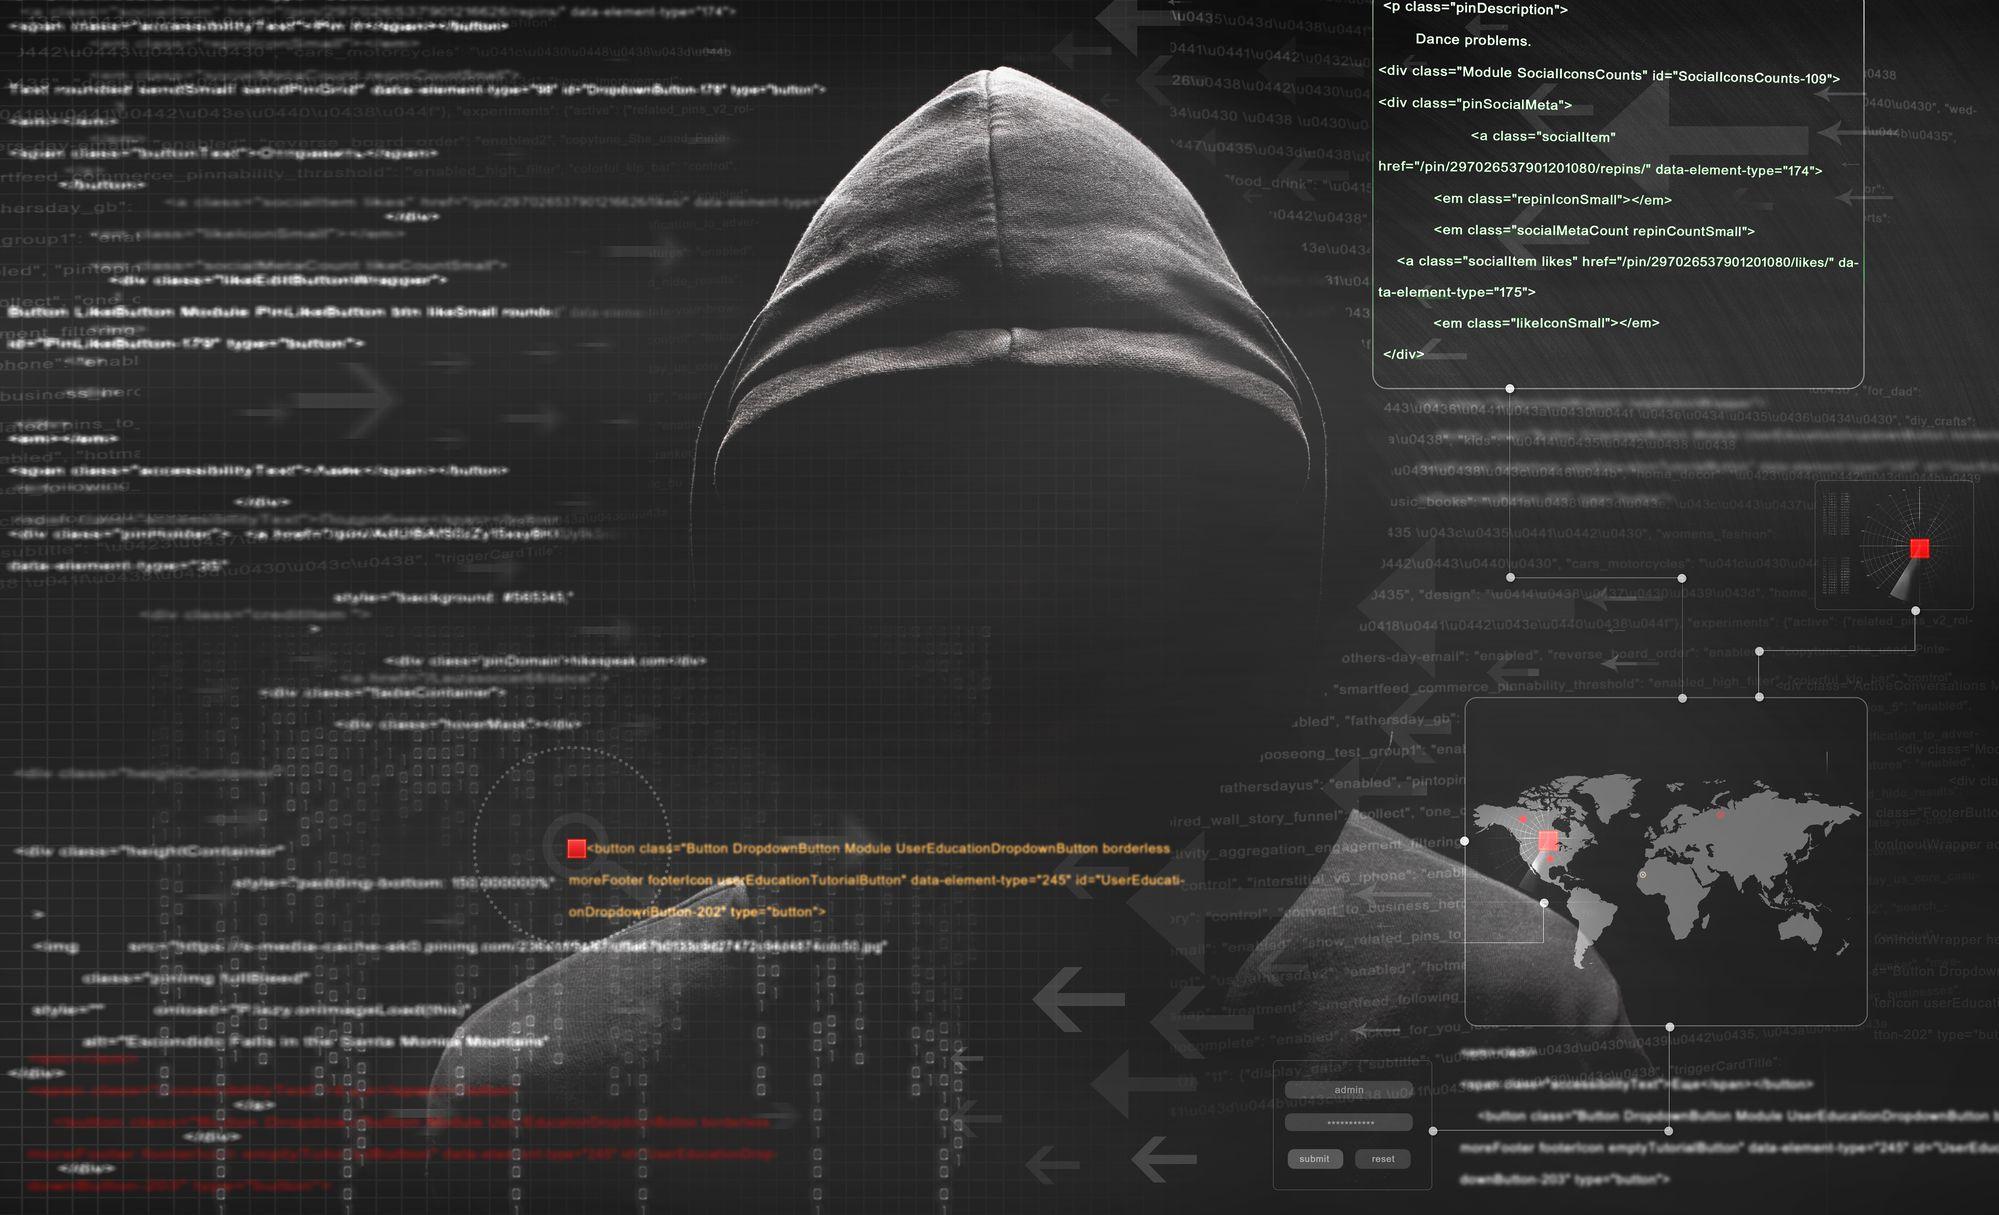 Saiba quais são as melhores técnicas para proteger suas contas contra ataques hacker